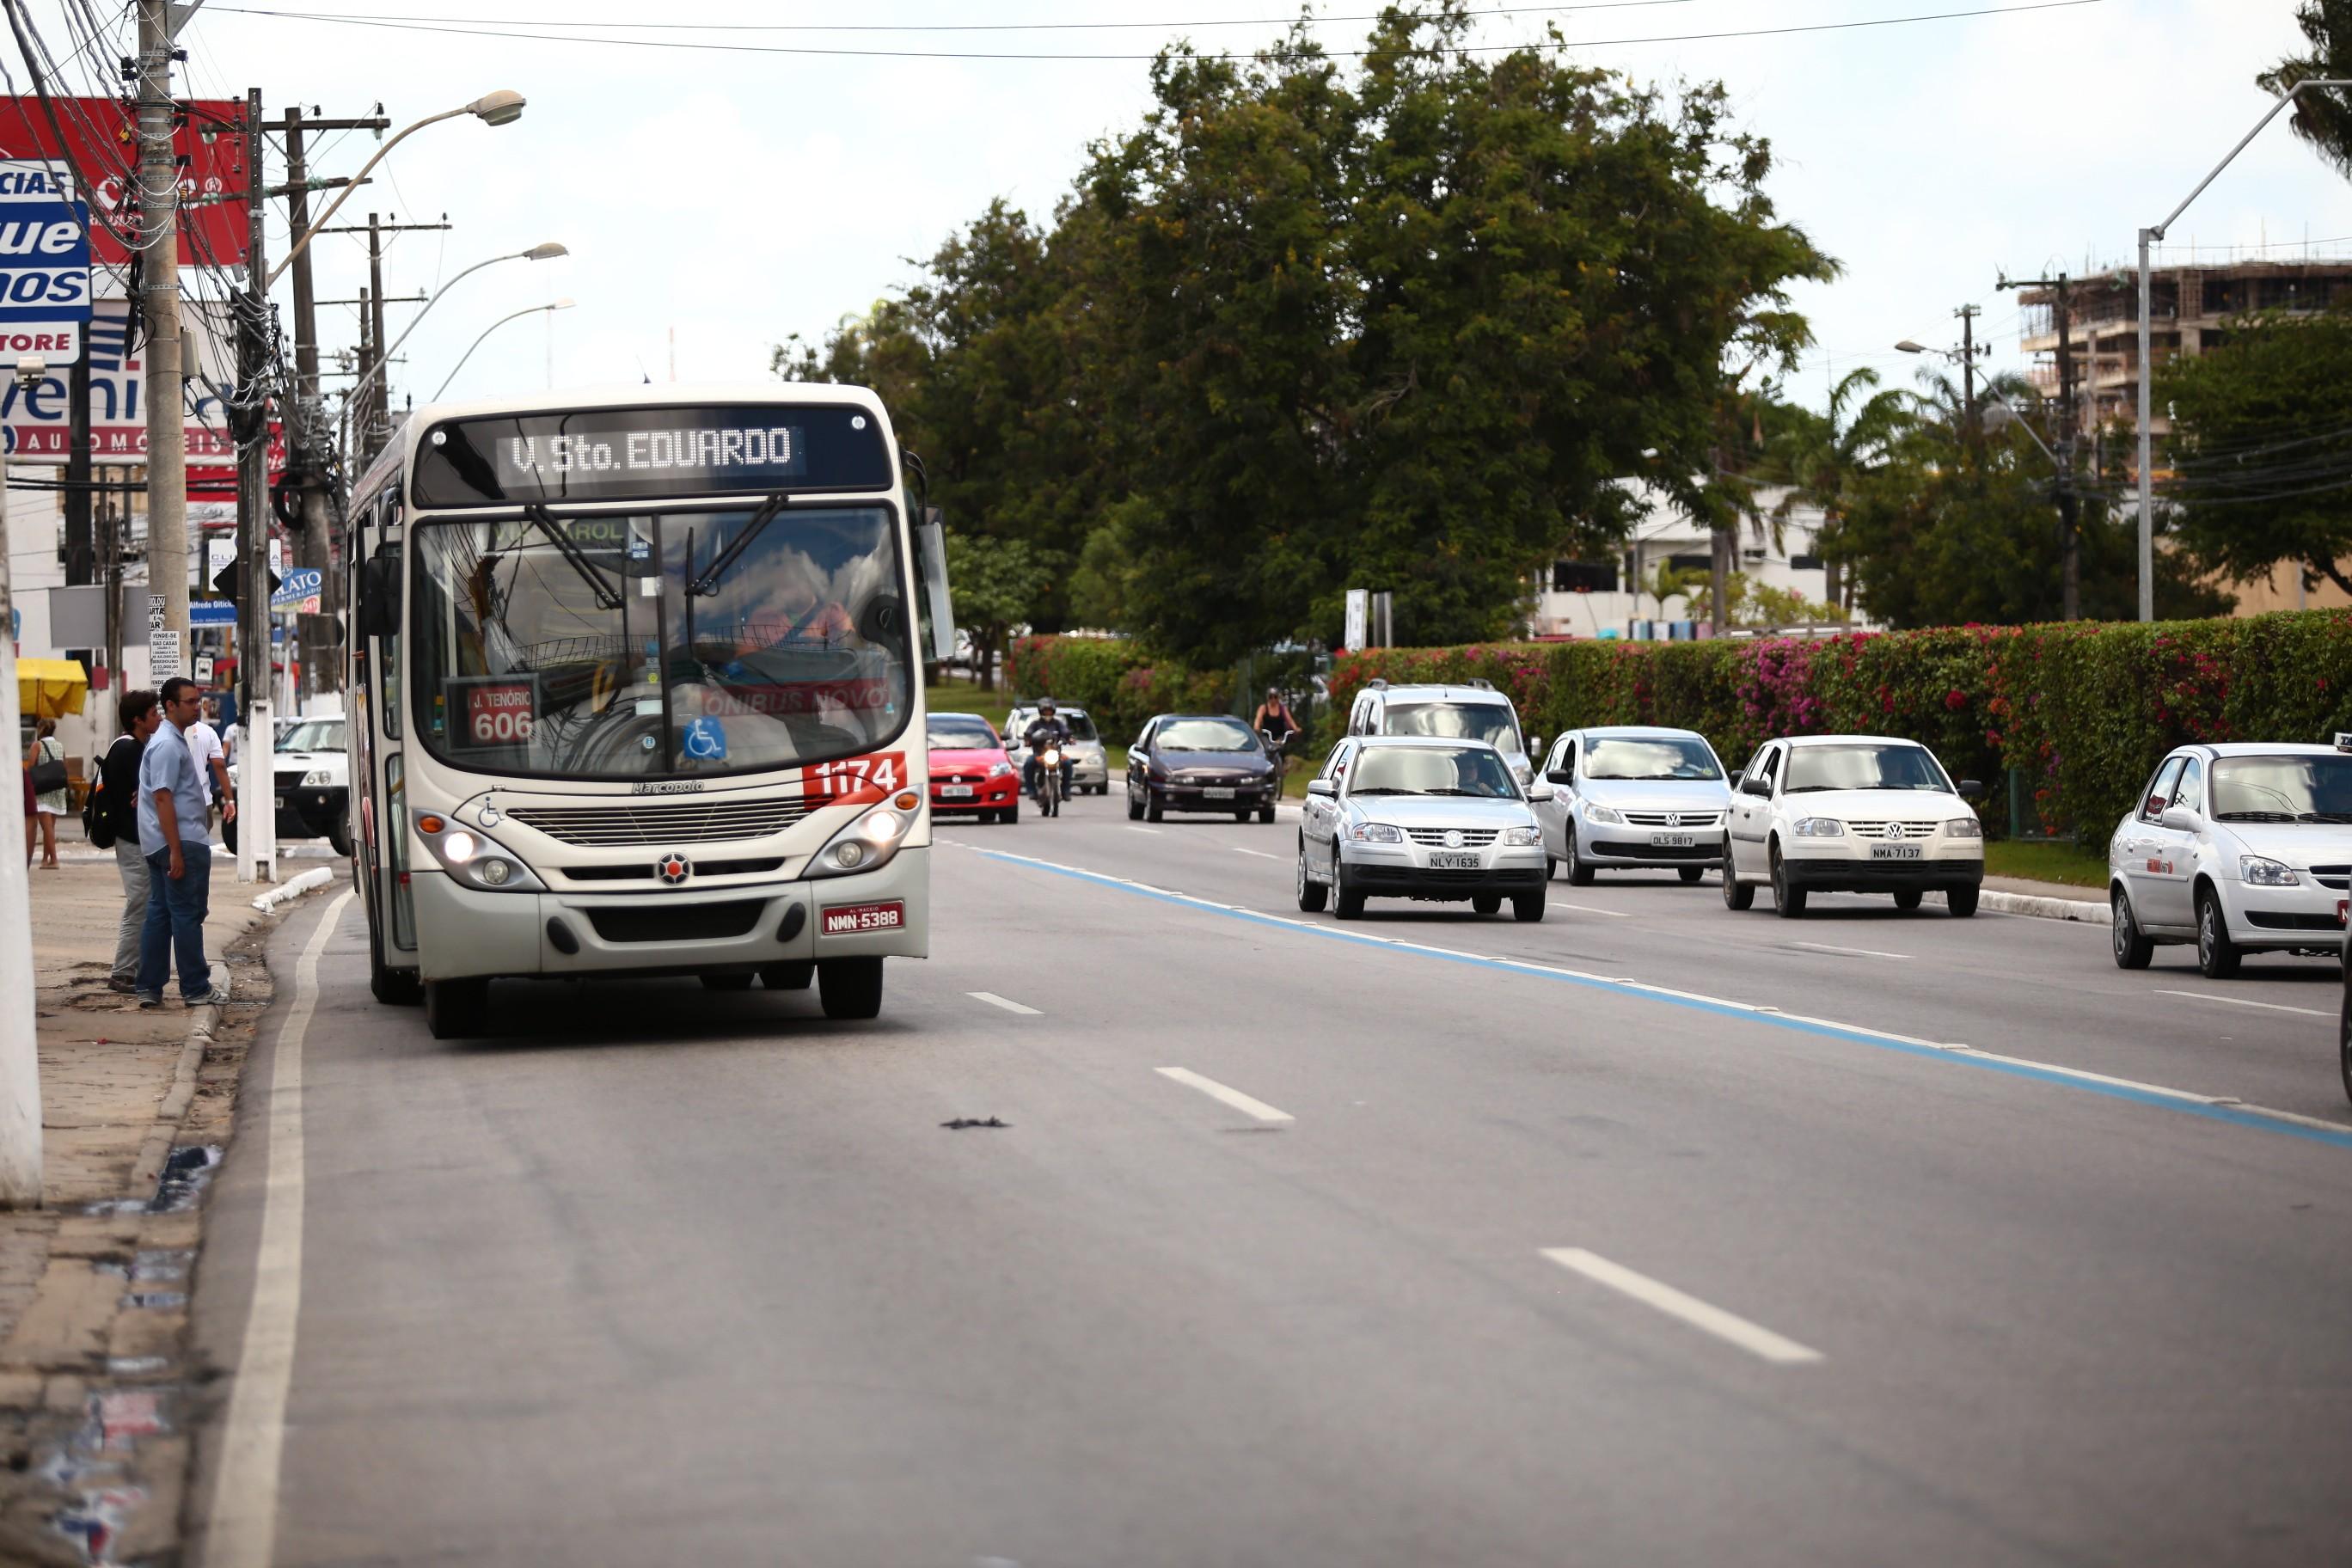 Valor da passagem de ônibus de Maceió pode ter aumento maior que o previsto para 2018, diz sindicato